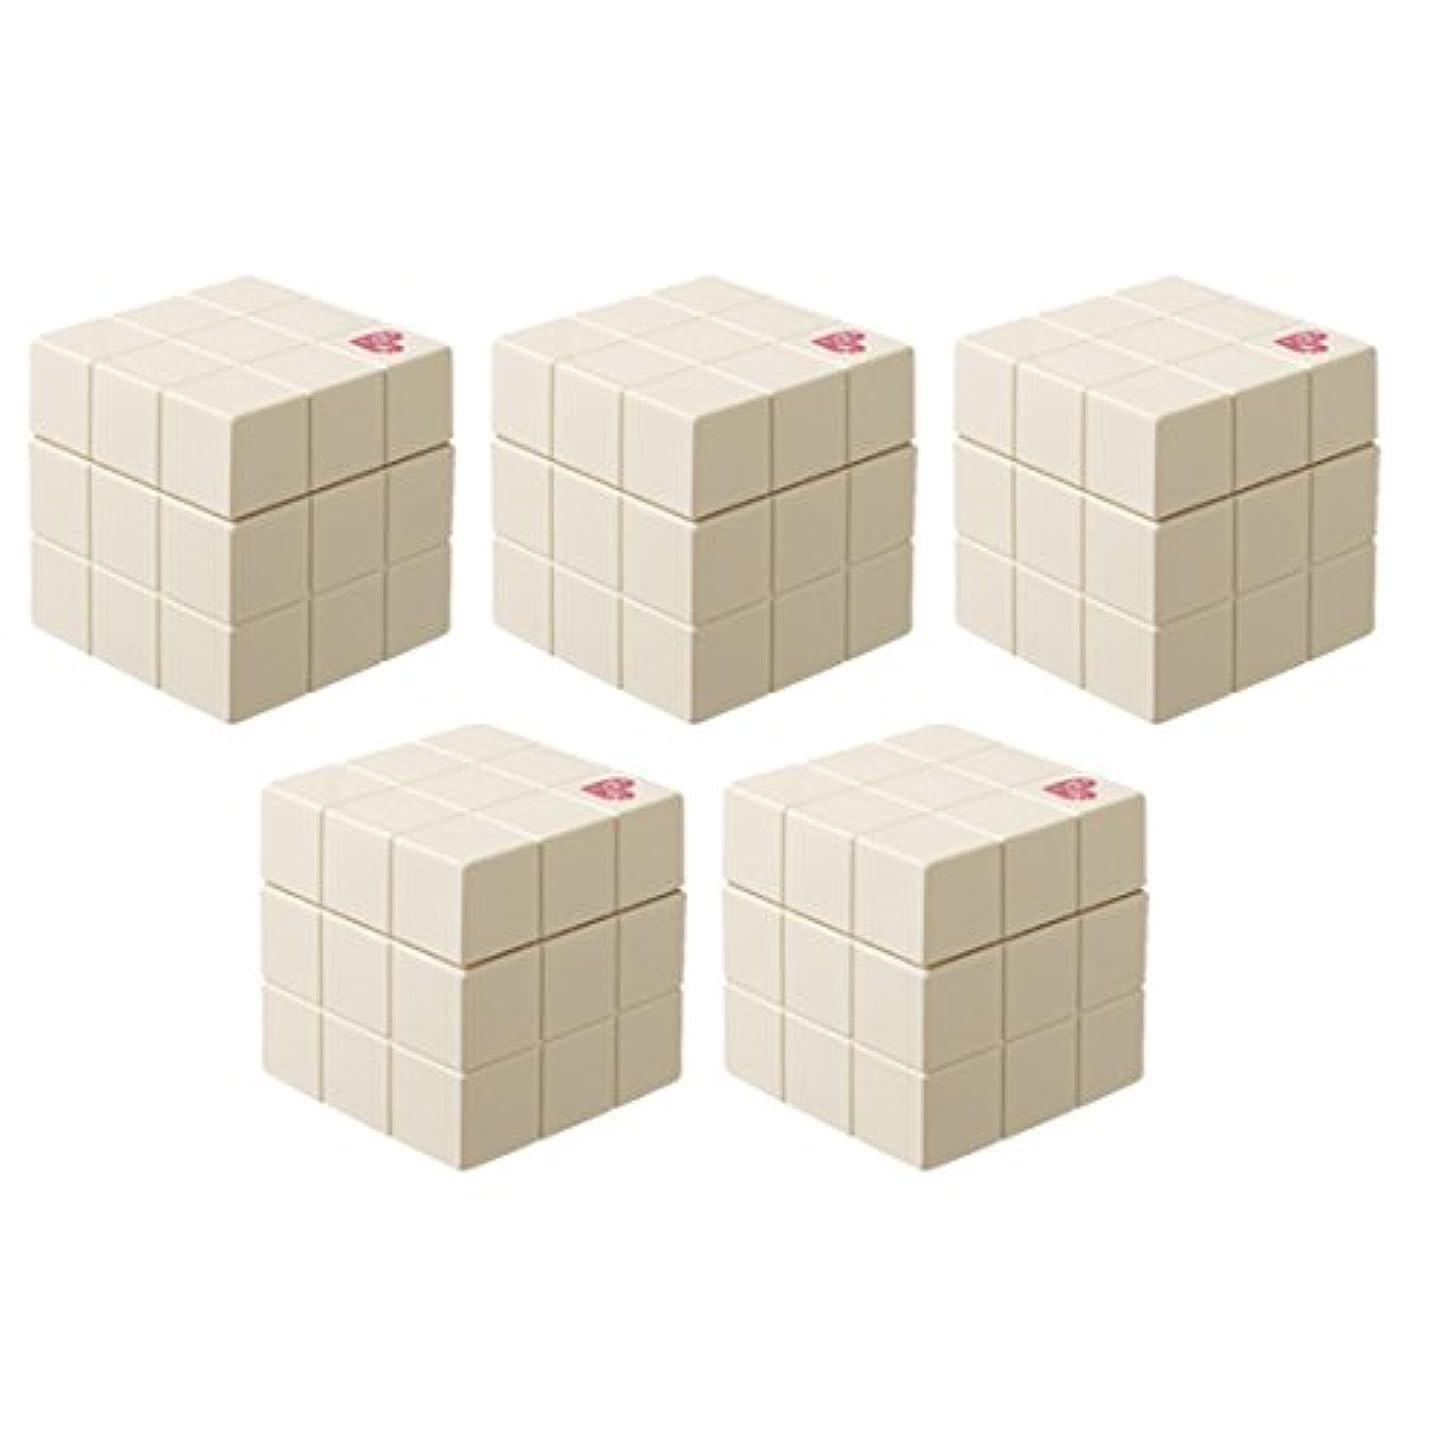 ポーズ前提条件予想外【x5個セット】 アリミノ ピース プロデザインシリーズ ニュアンスワックス バニラ 80g